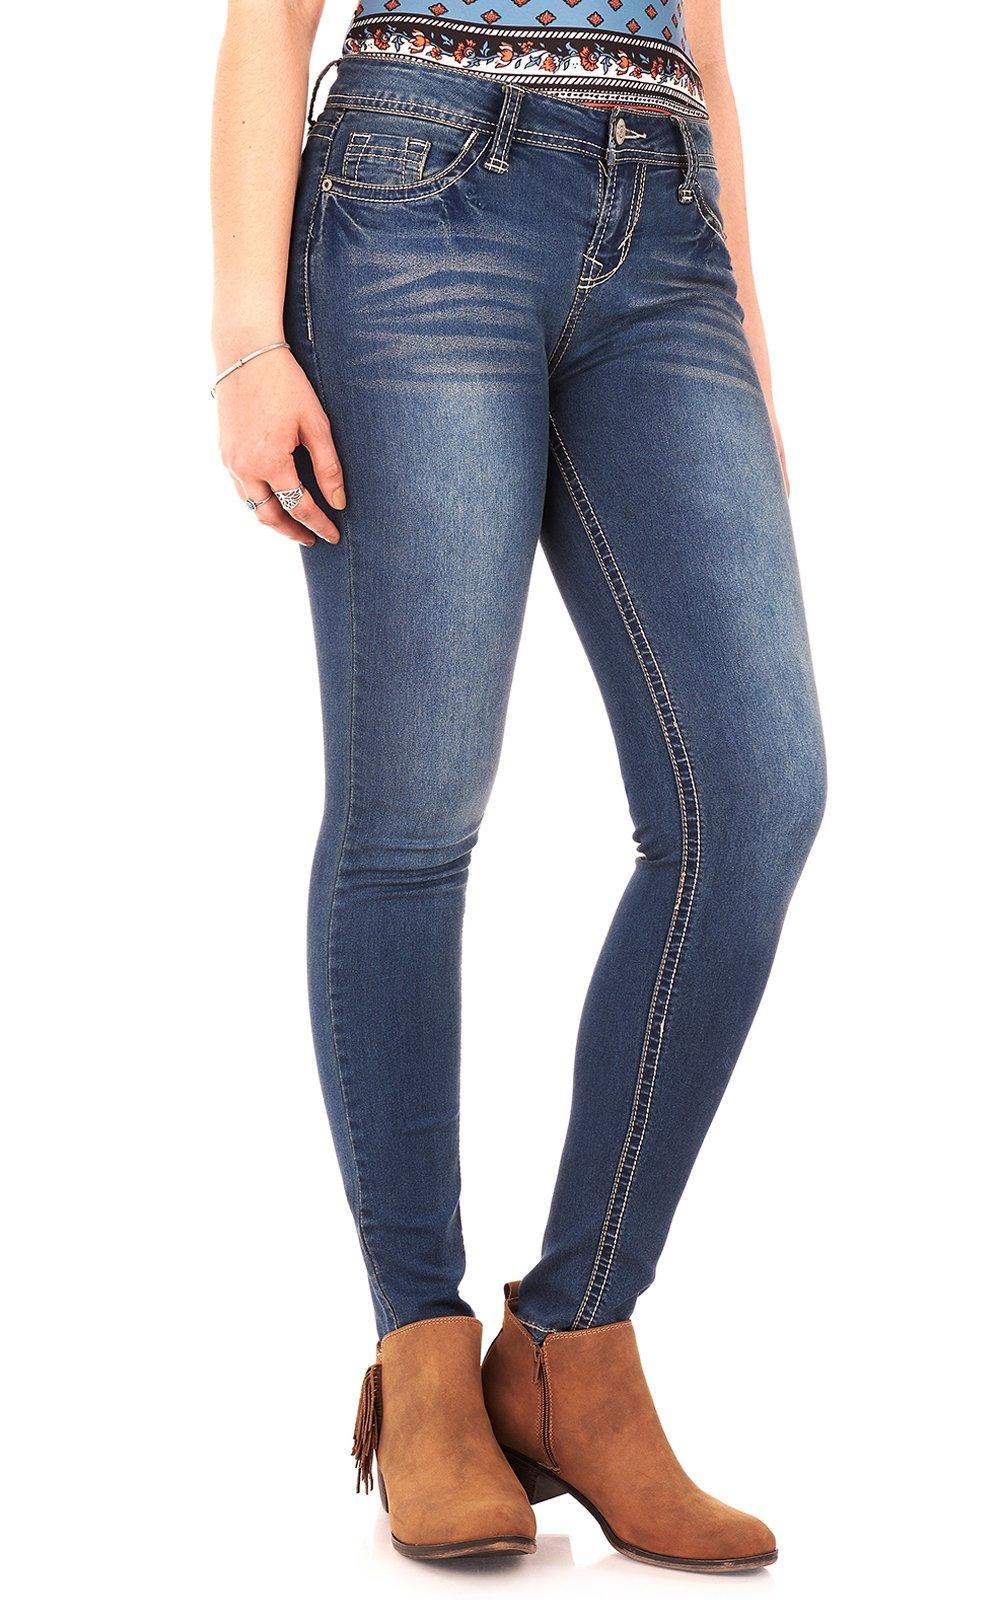 WallFlower Women's Juniors High Rise Irresistible Denim Jegging in Varsity Blue Size: 15 Short